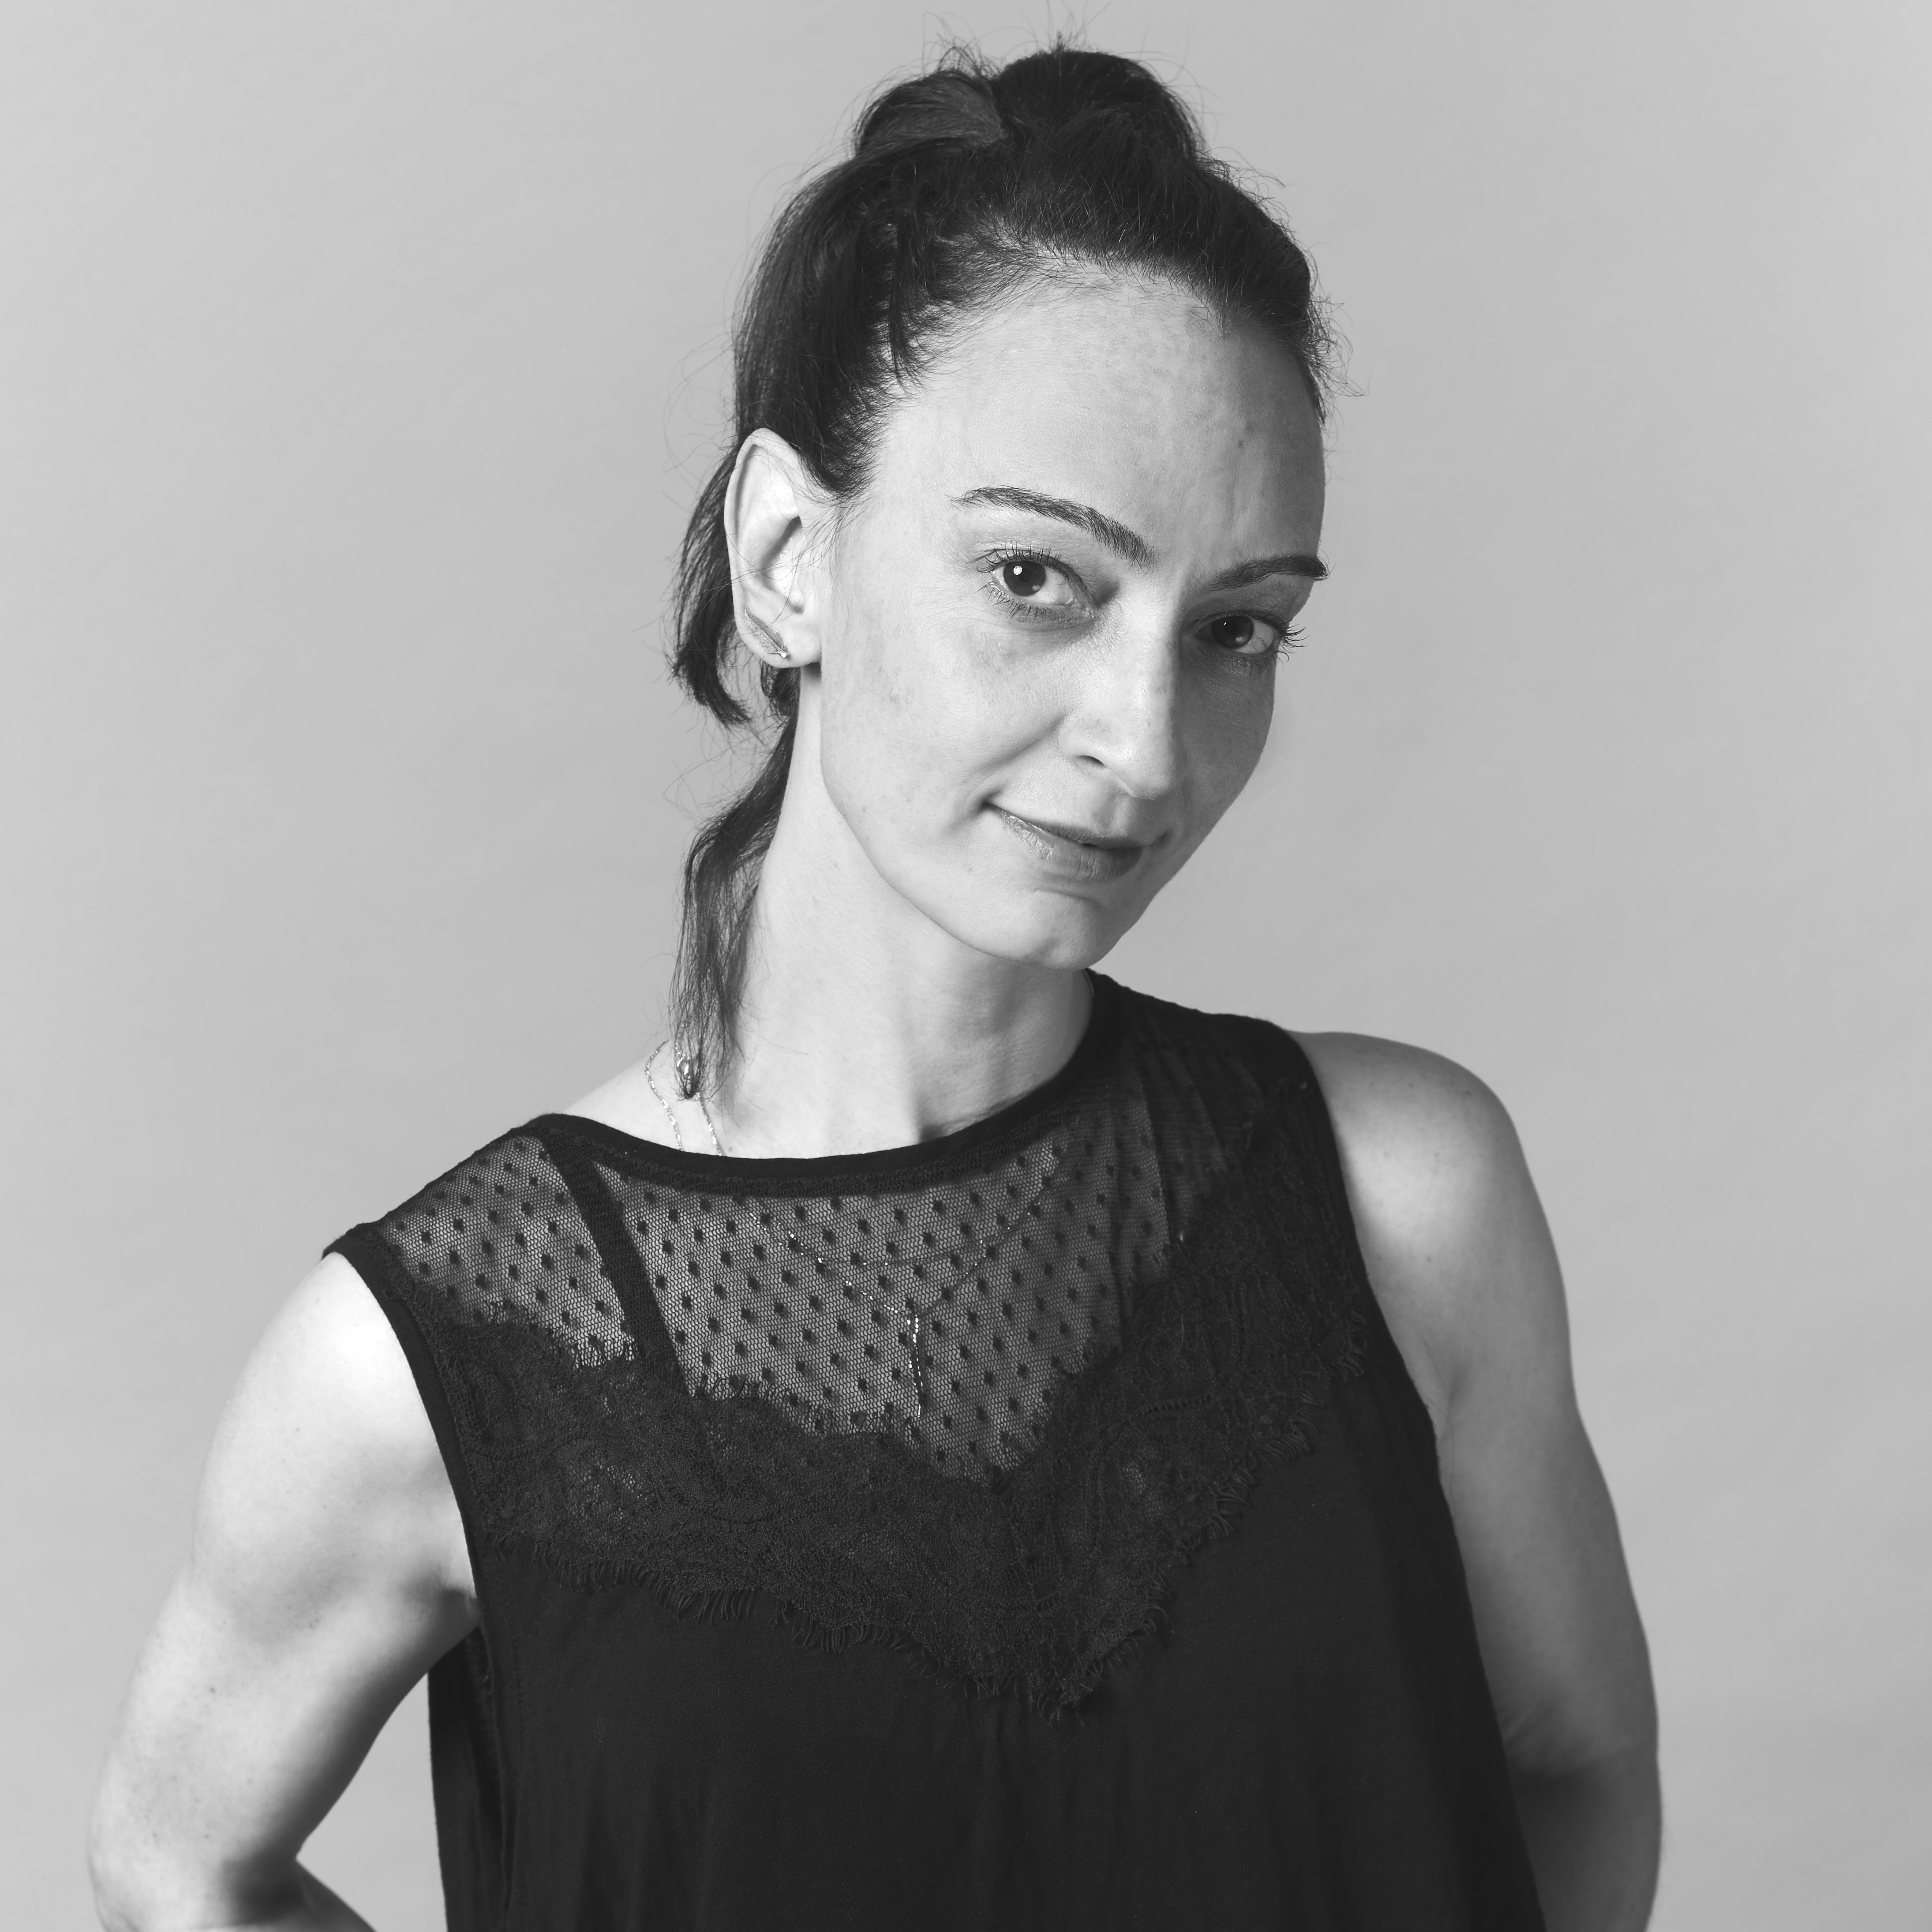 אודליה קופרברג